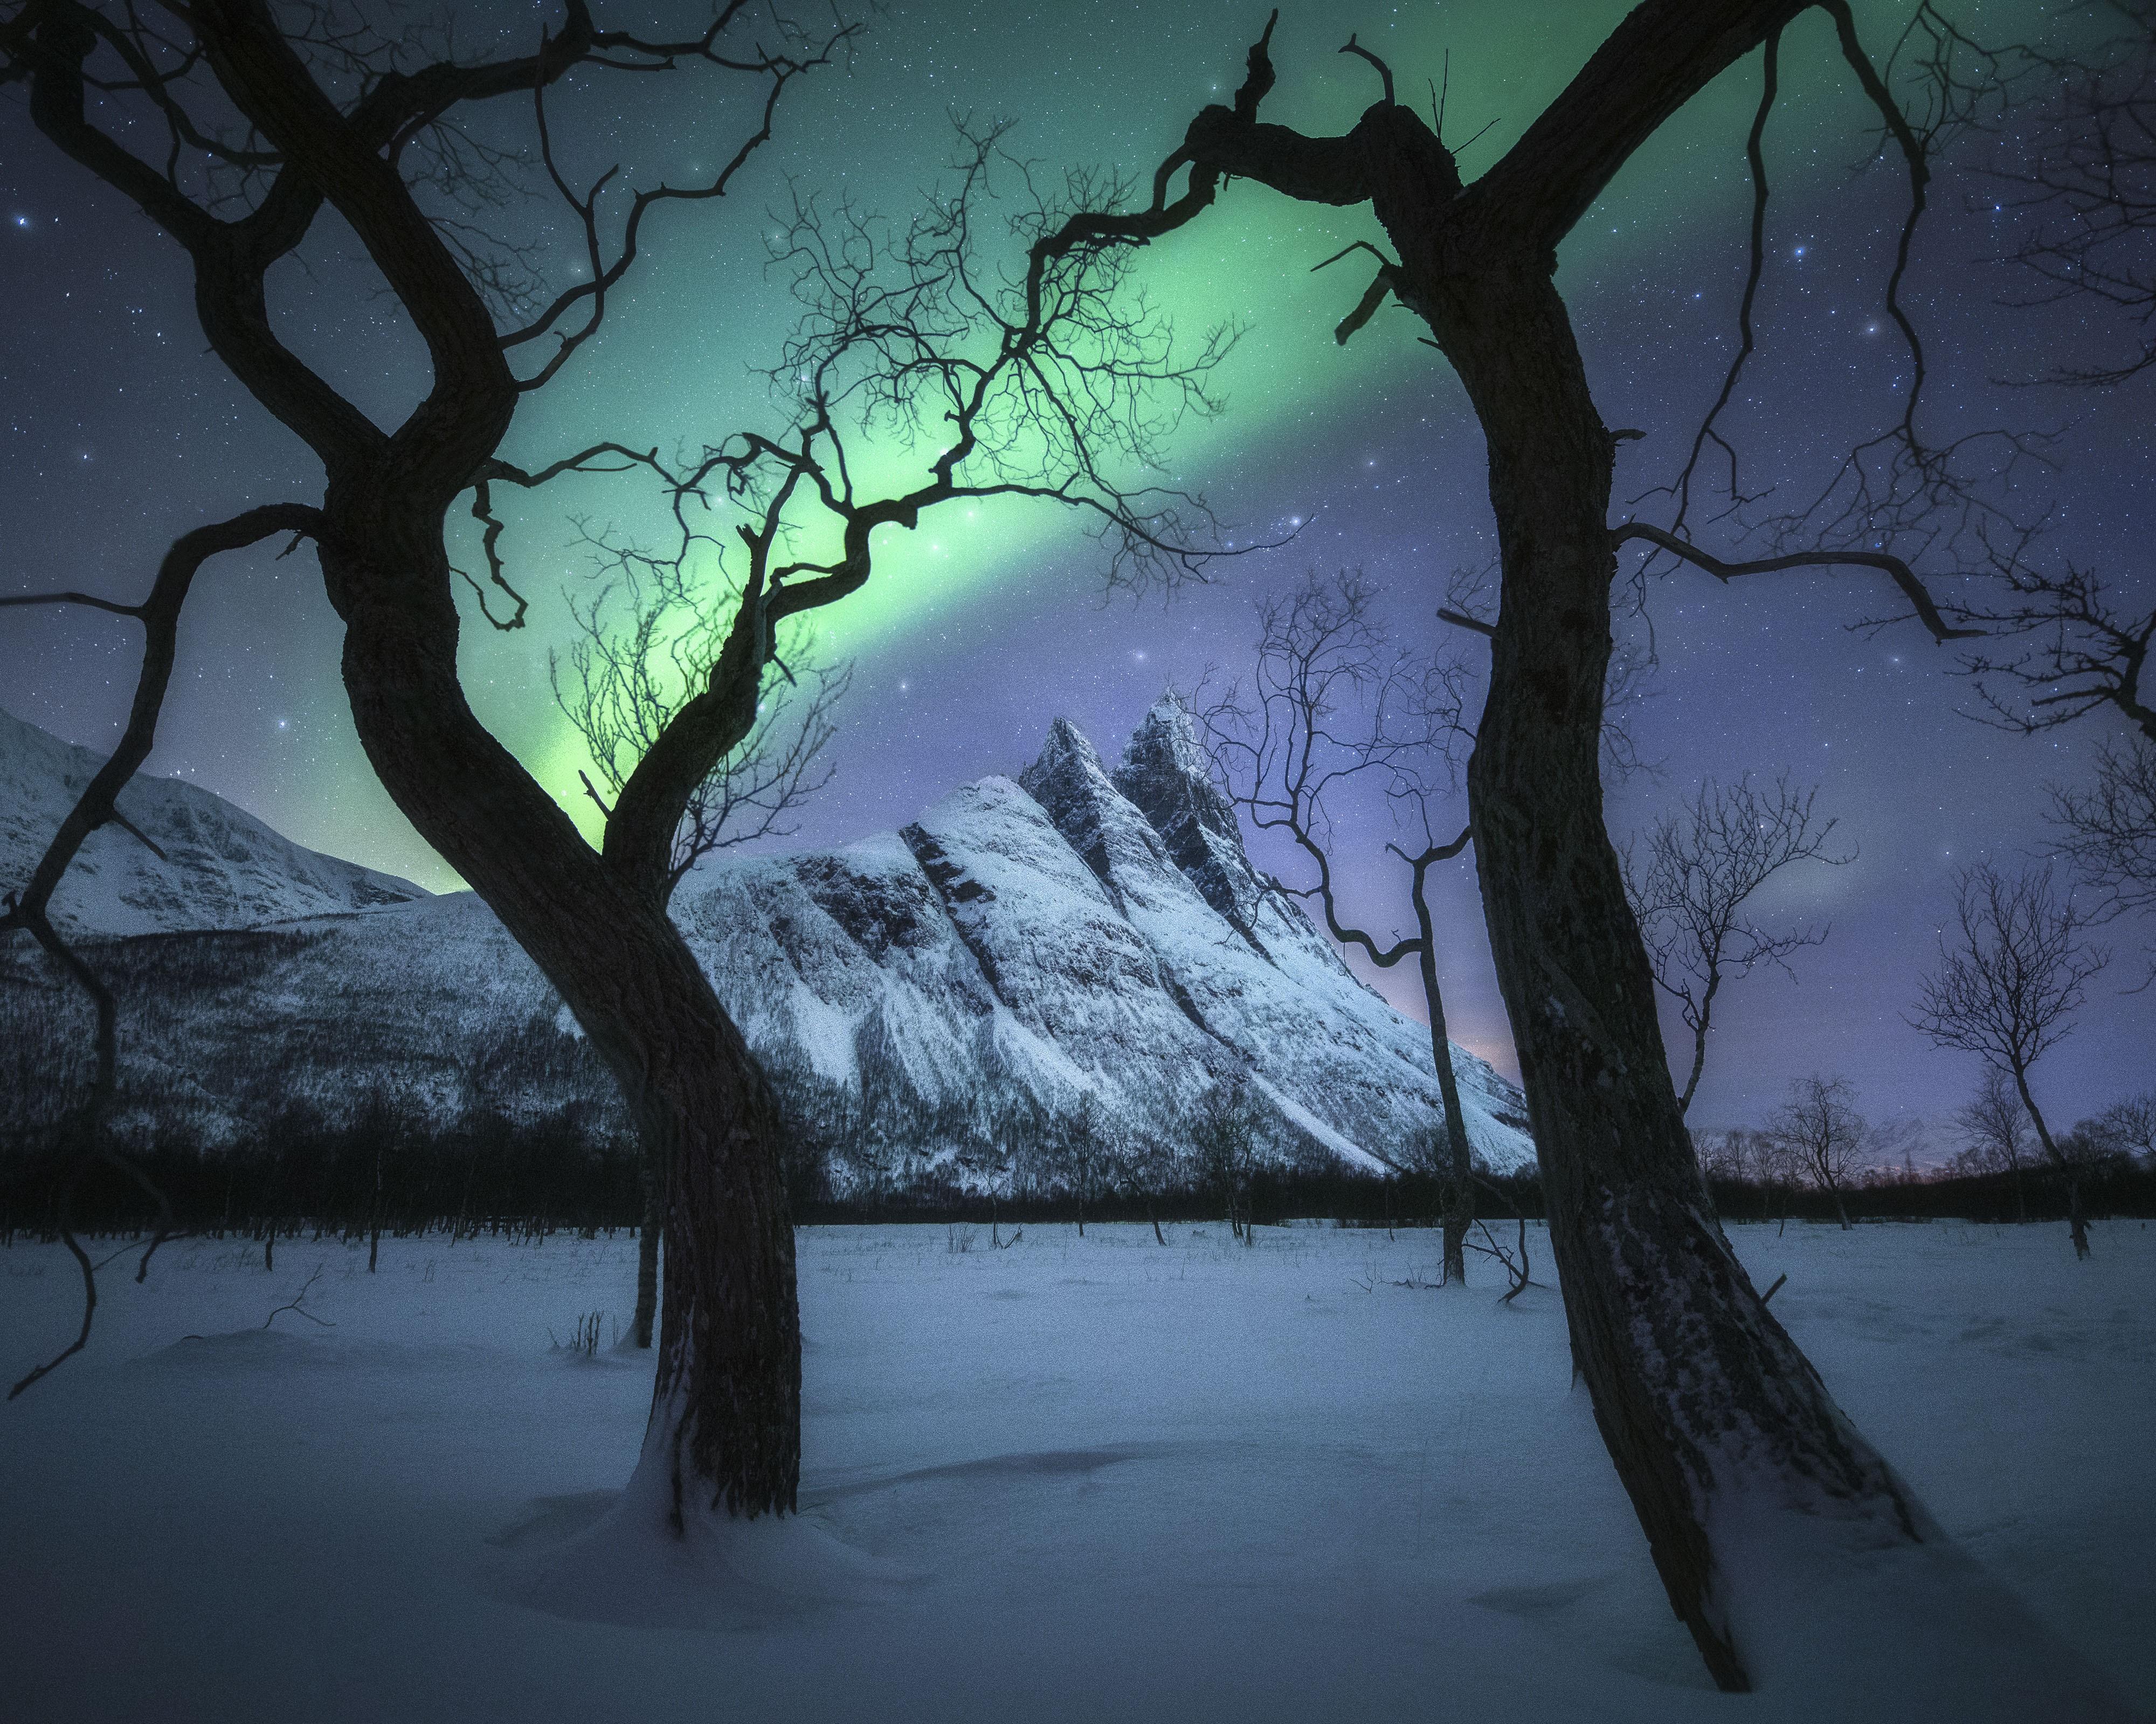 1 место в номинации «Пейзажный фотограф года» 2020. Волшебная ночь, Тромсё, Норвегия. Автор Кельвин Юэнь